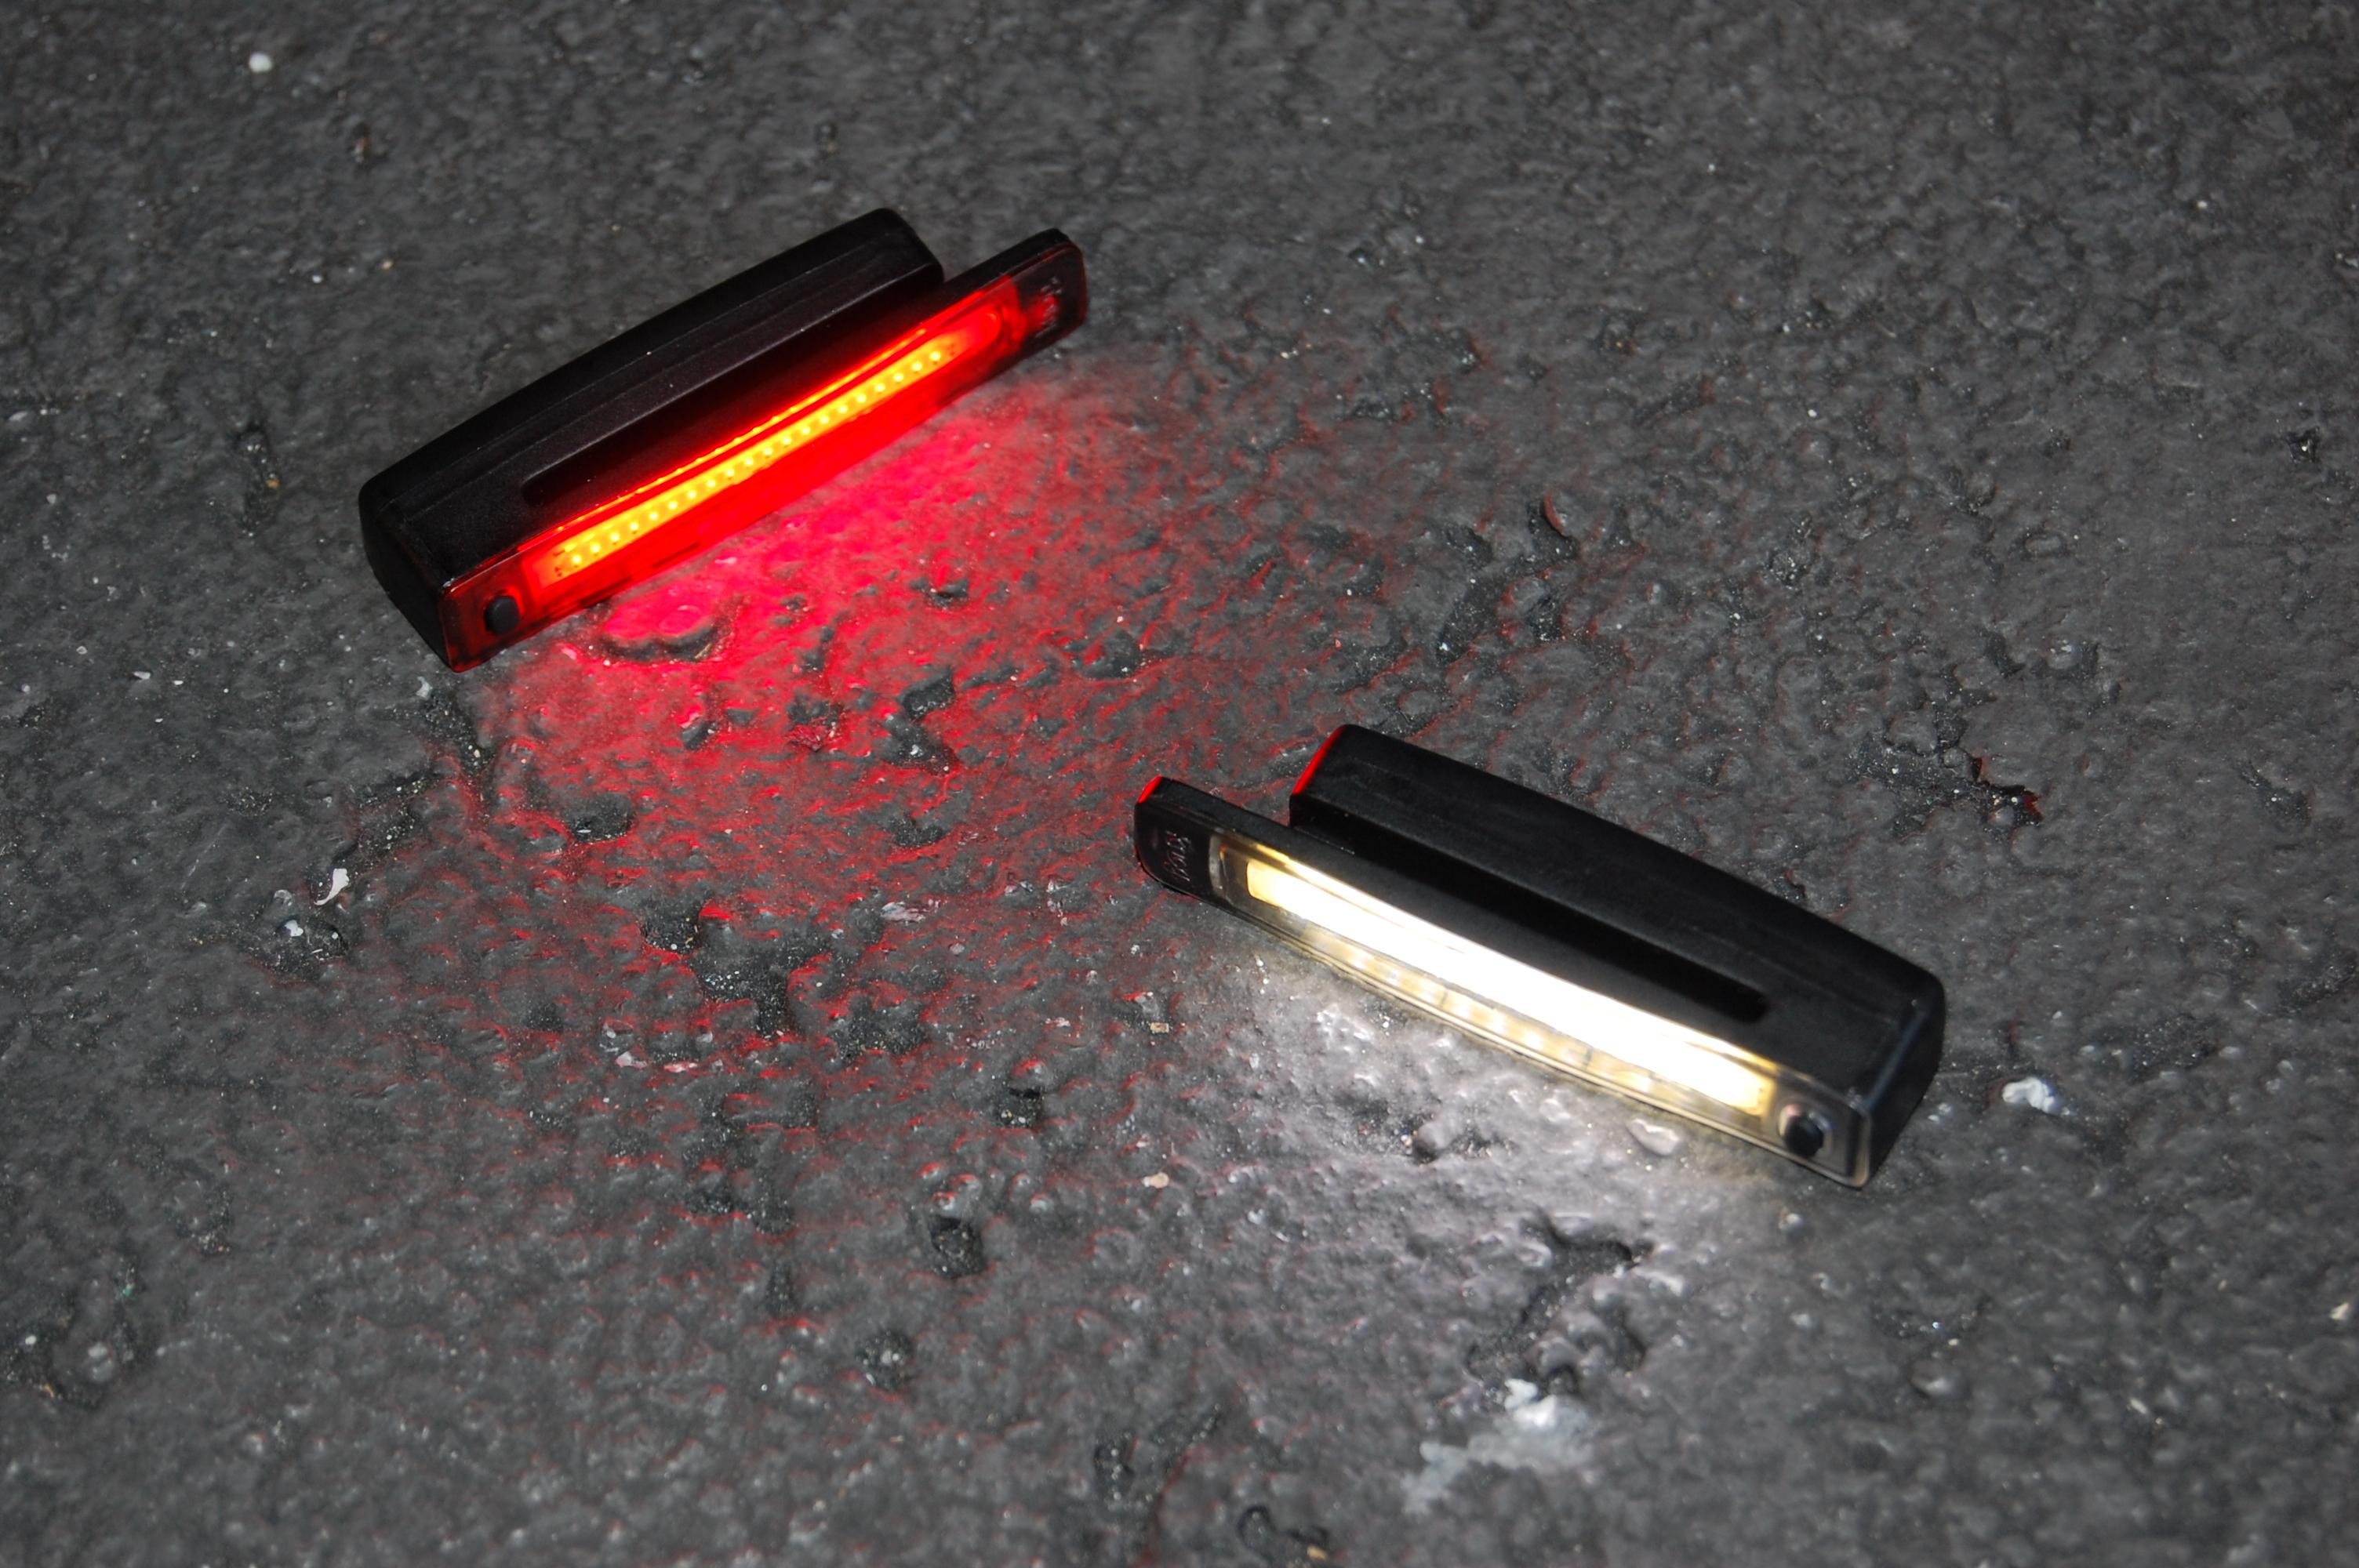 メインライトの効果爆発!サポートライトの装着で、視認効果もオシャレもアップ!Knog(ノグ)Plus Light(プラスライト)